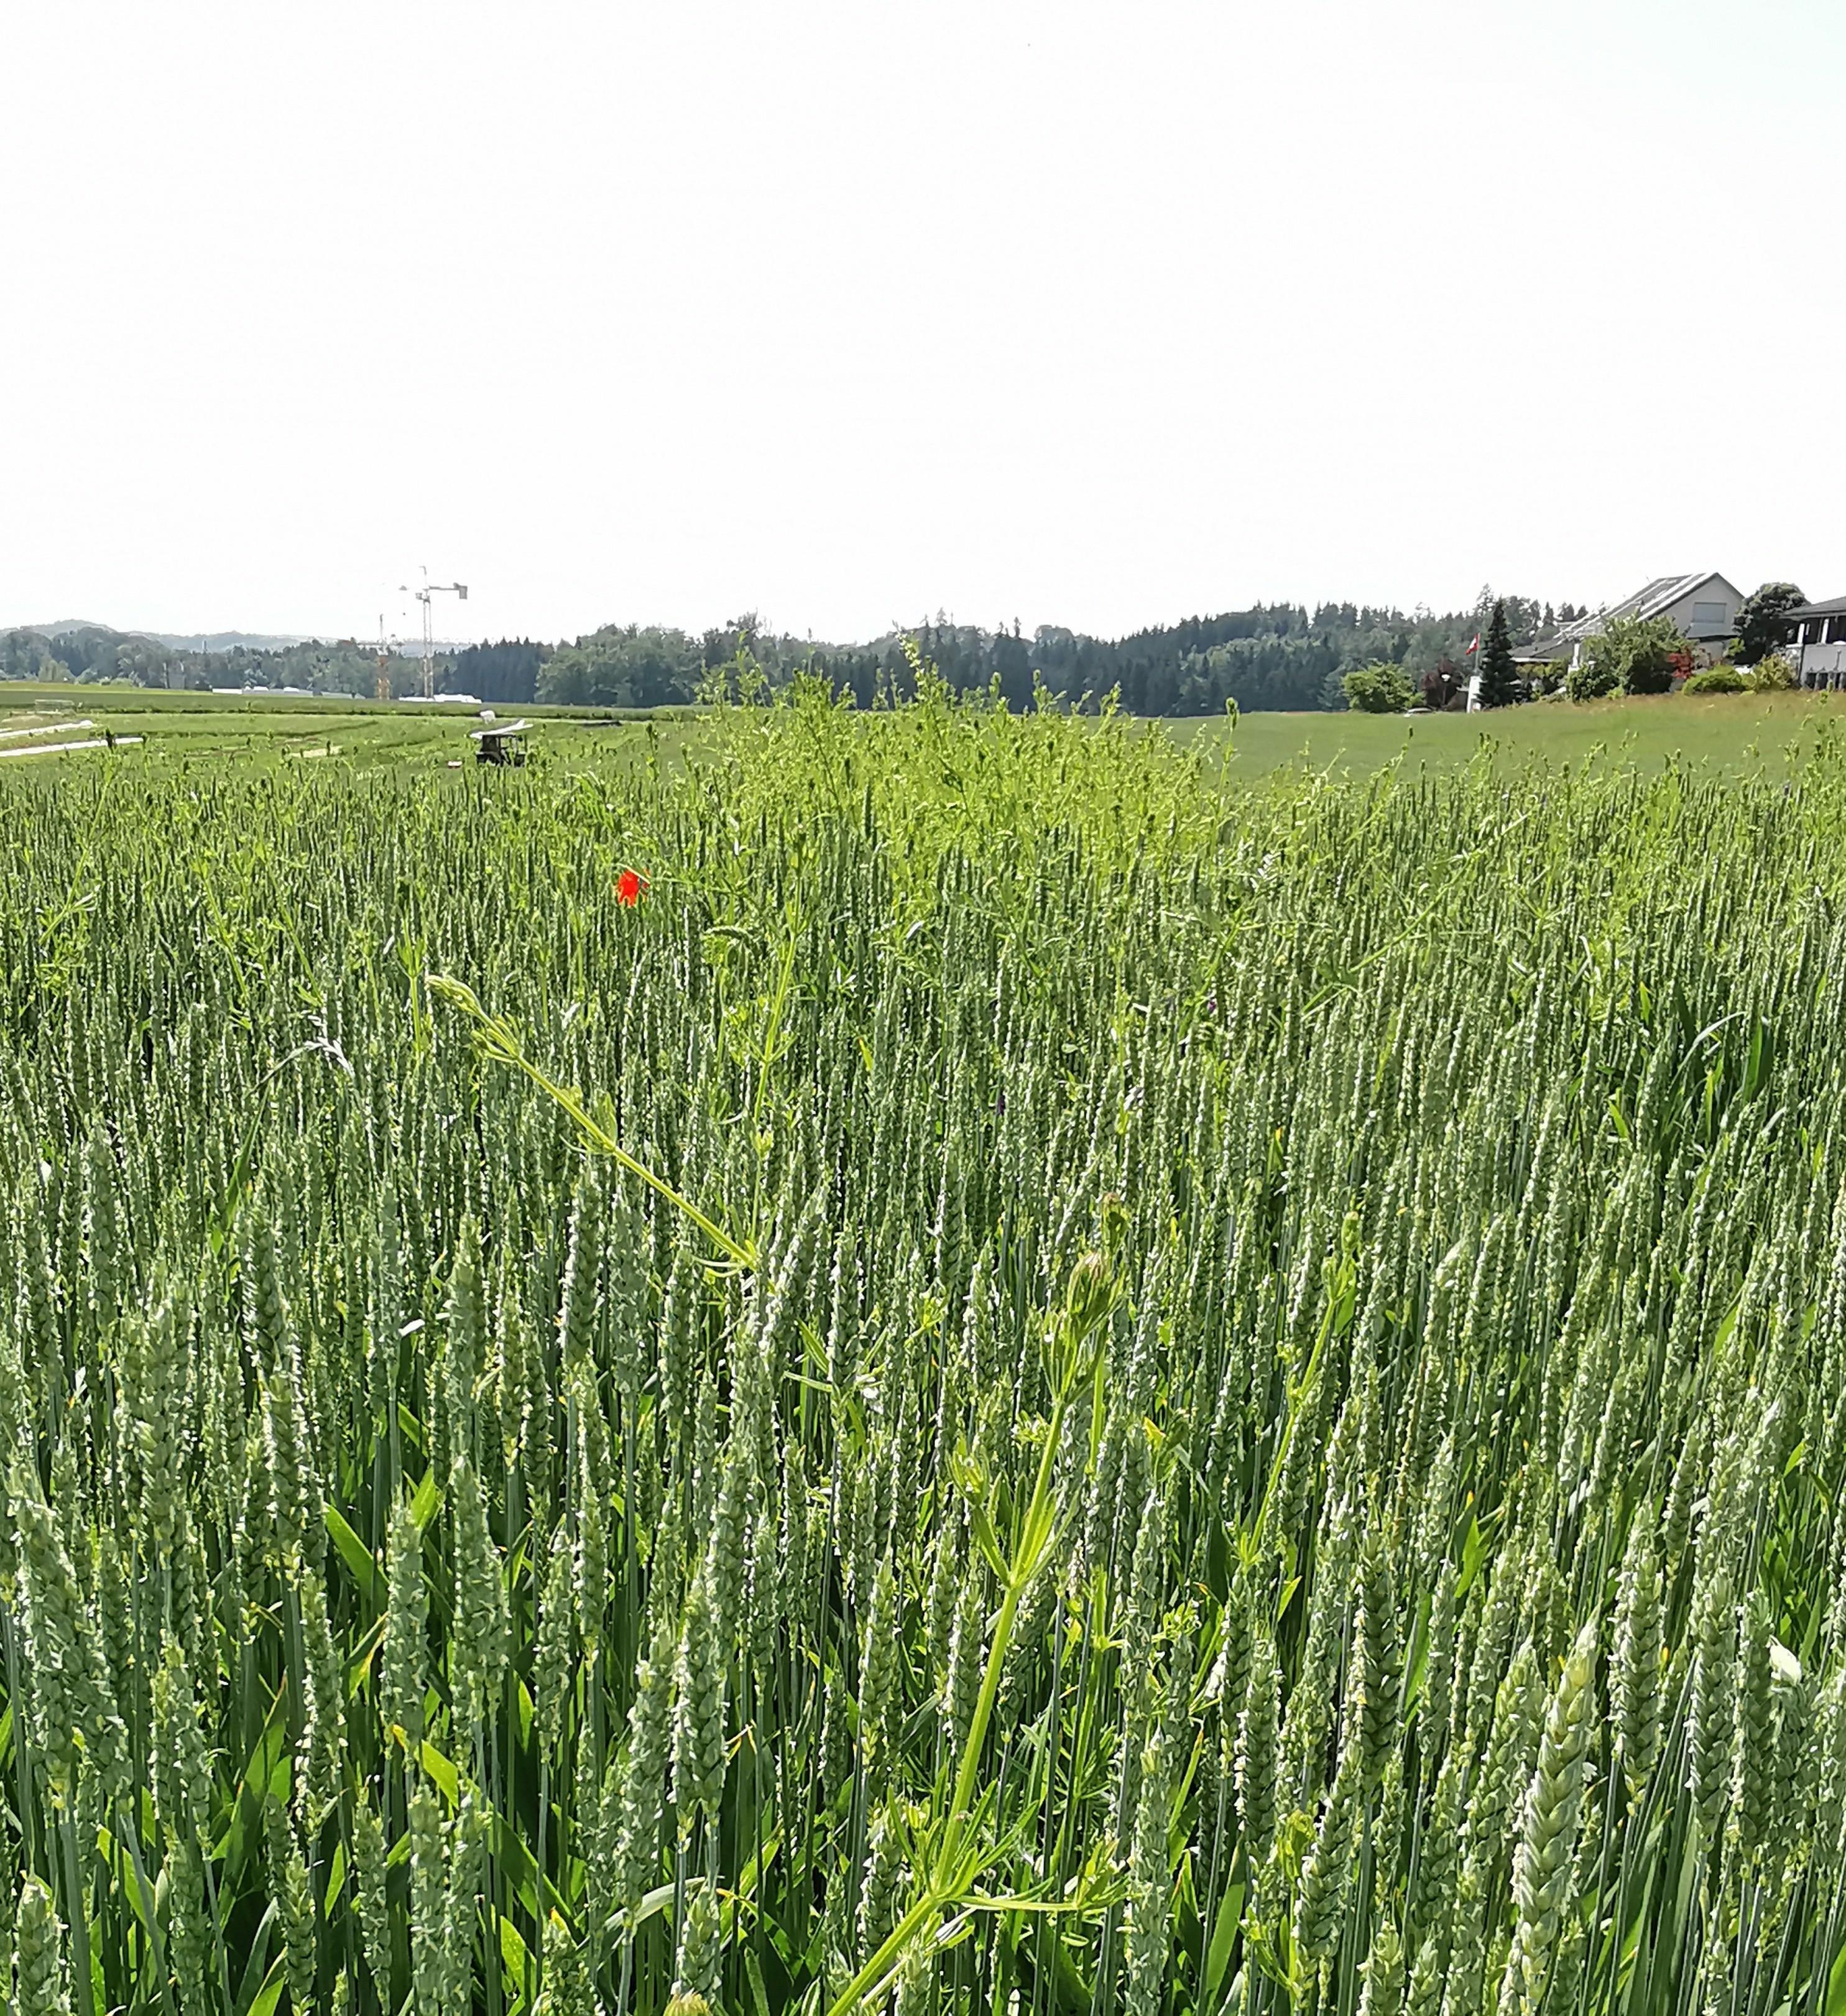 Klebern in Weizen